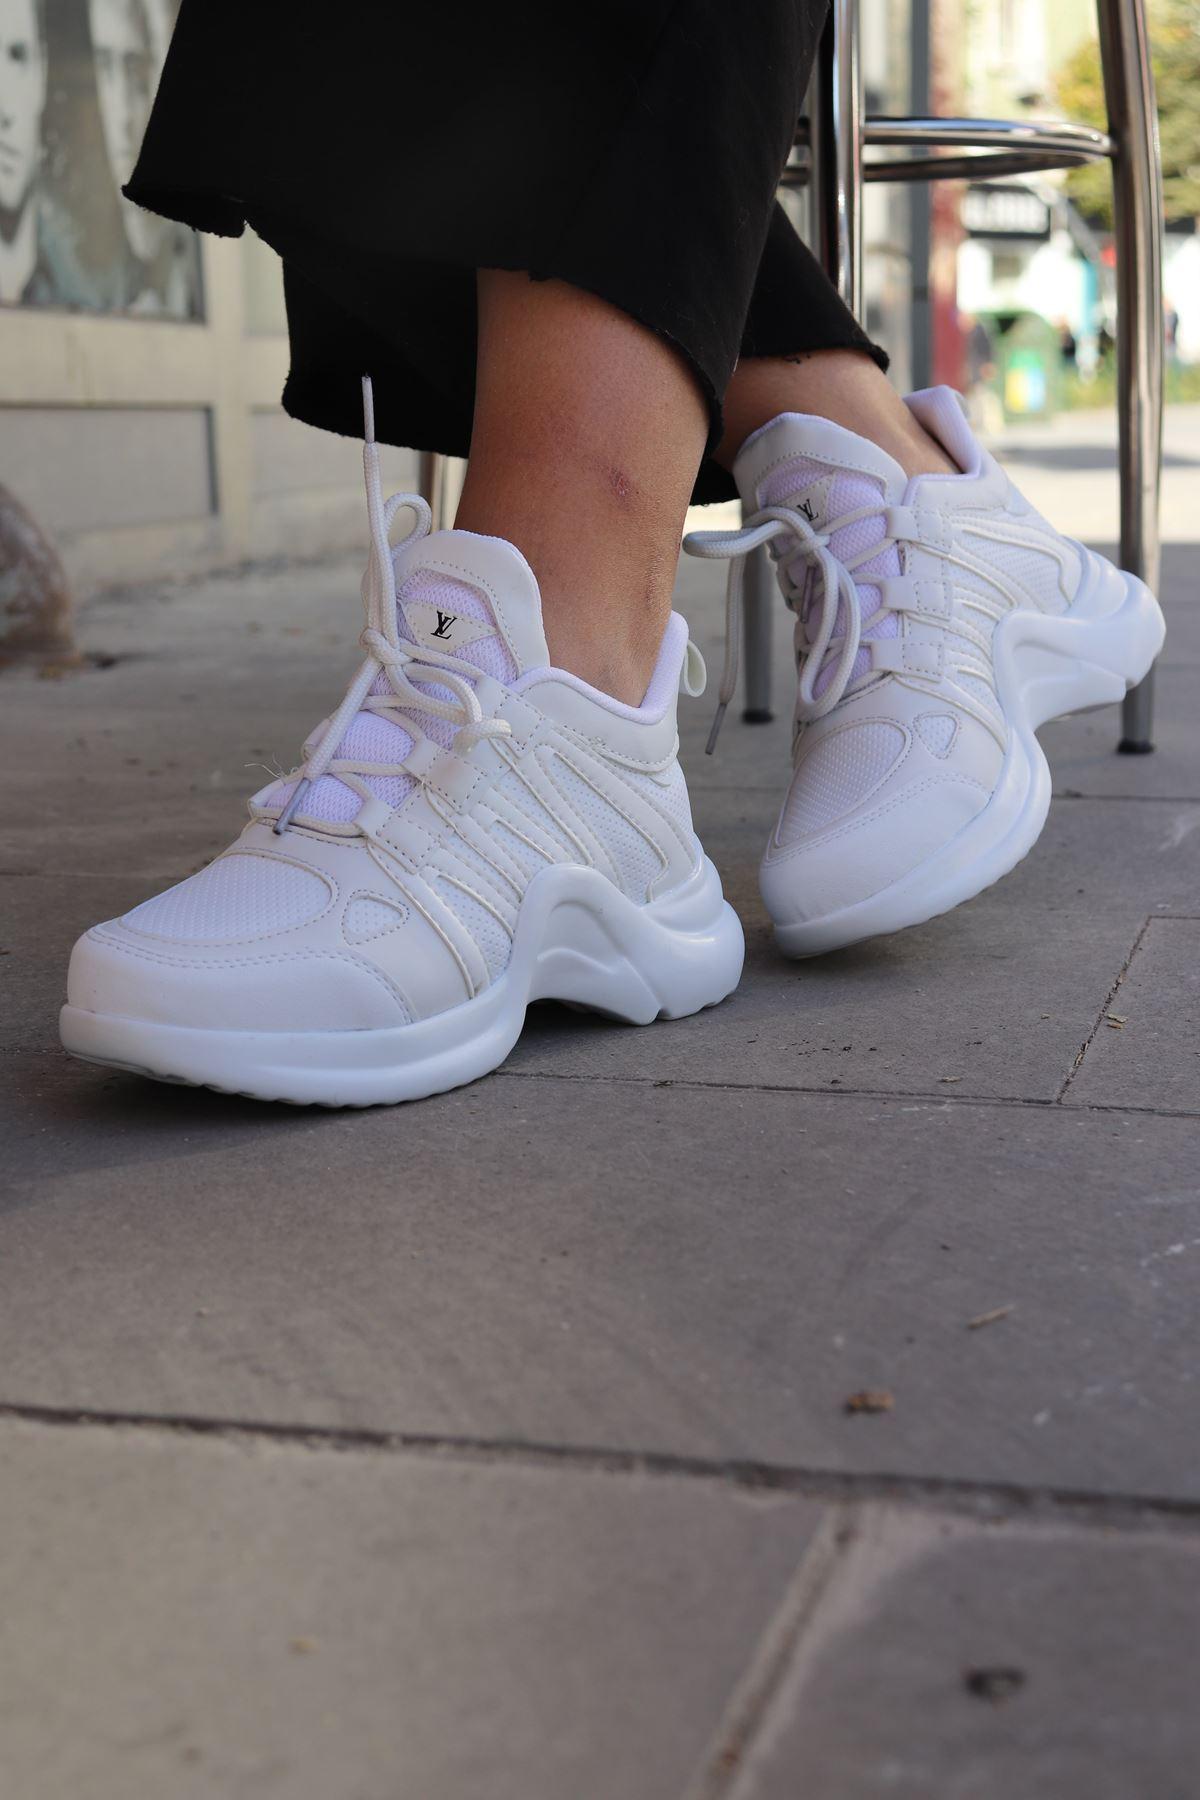 Trendayakkabı - Beyaz Kalın Taban Kadın Spor Ayakkabısı